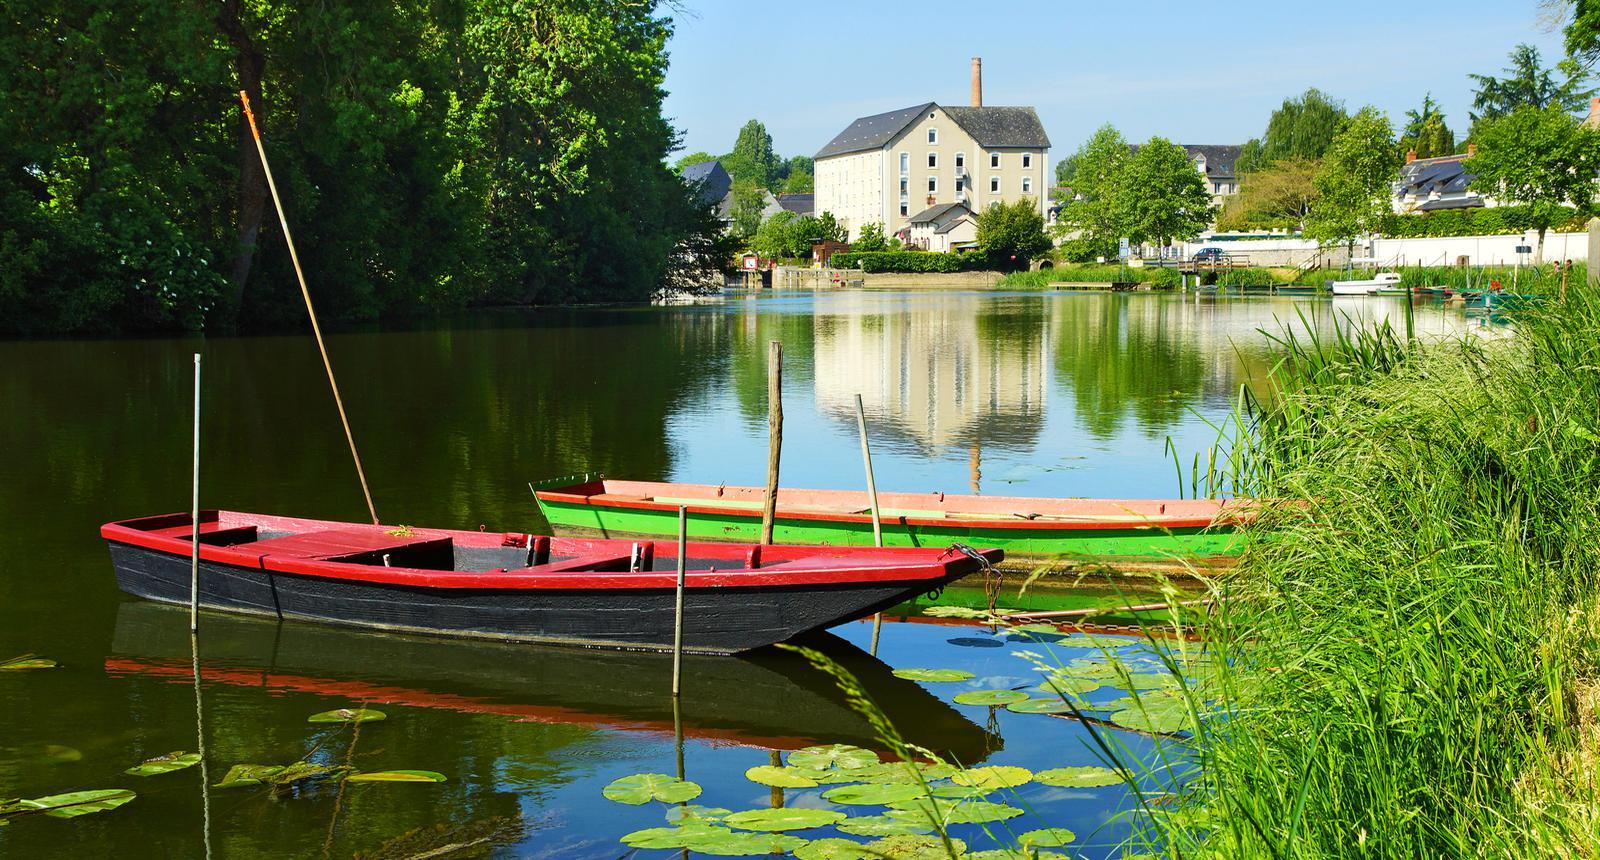 Barques sur la Sarthe, Châteauneuf-sur-Sarthe